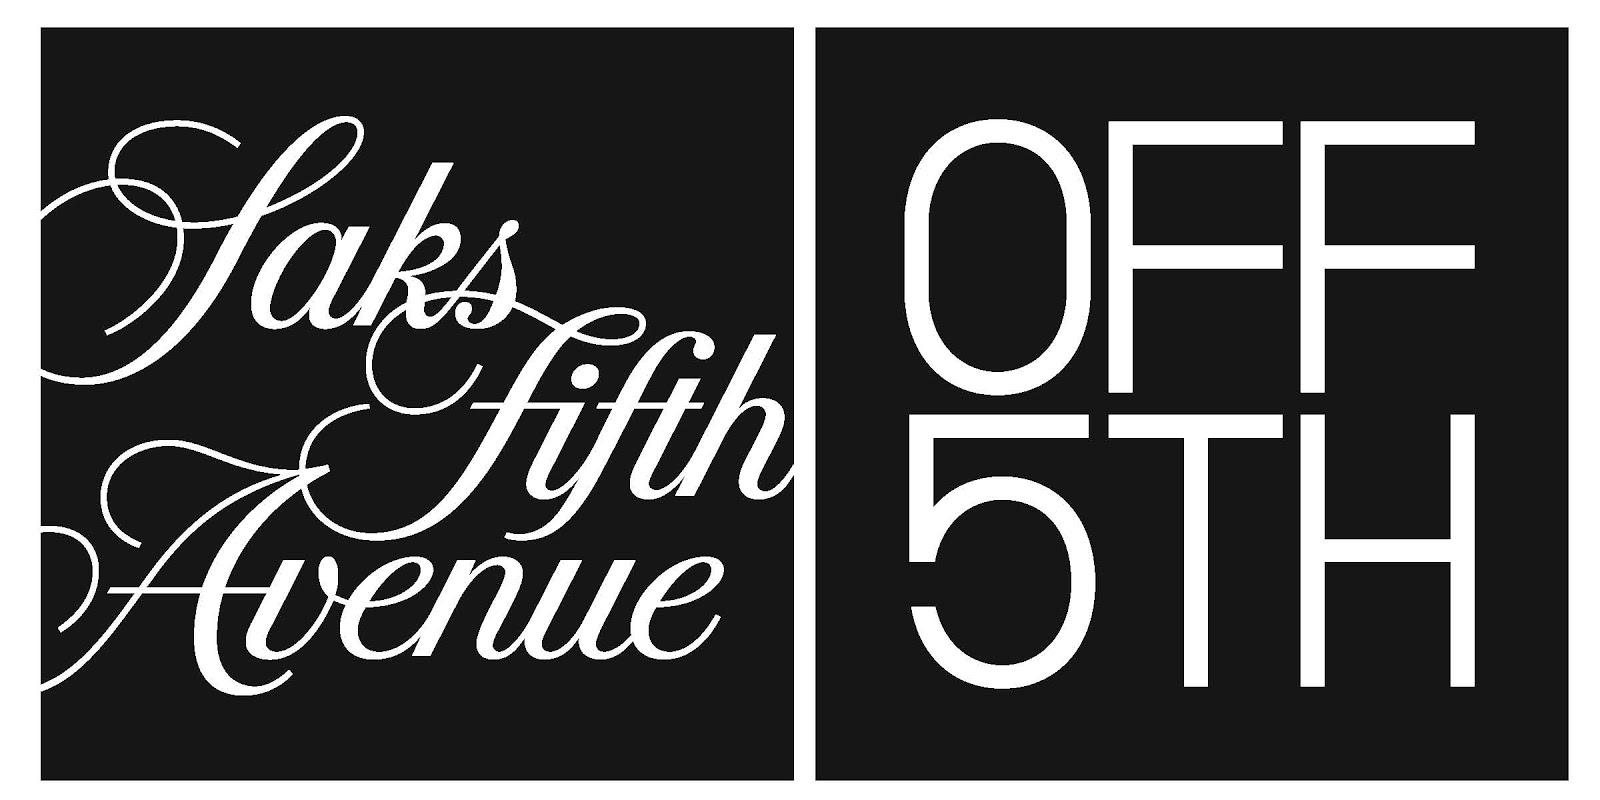 f3a1cde7de5 Tomorrow s News Today - Atlanta  Saks to Bring More